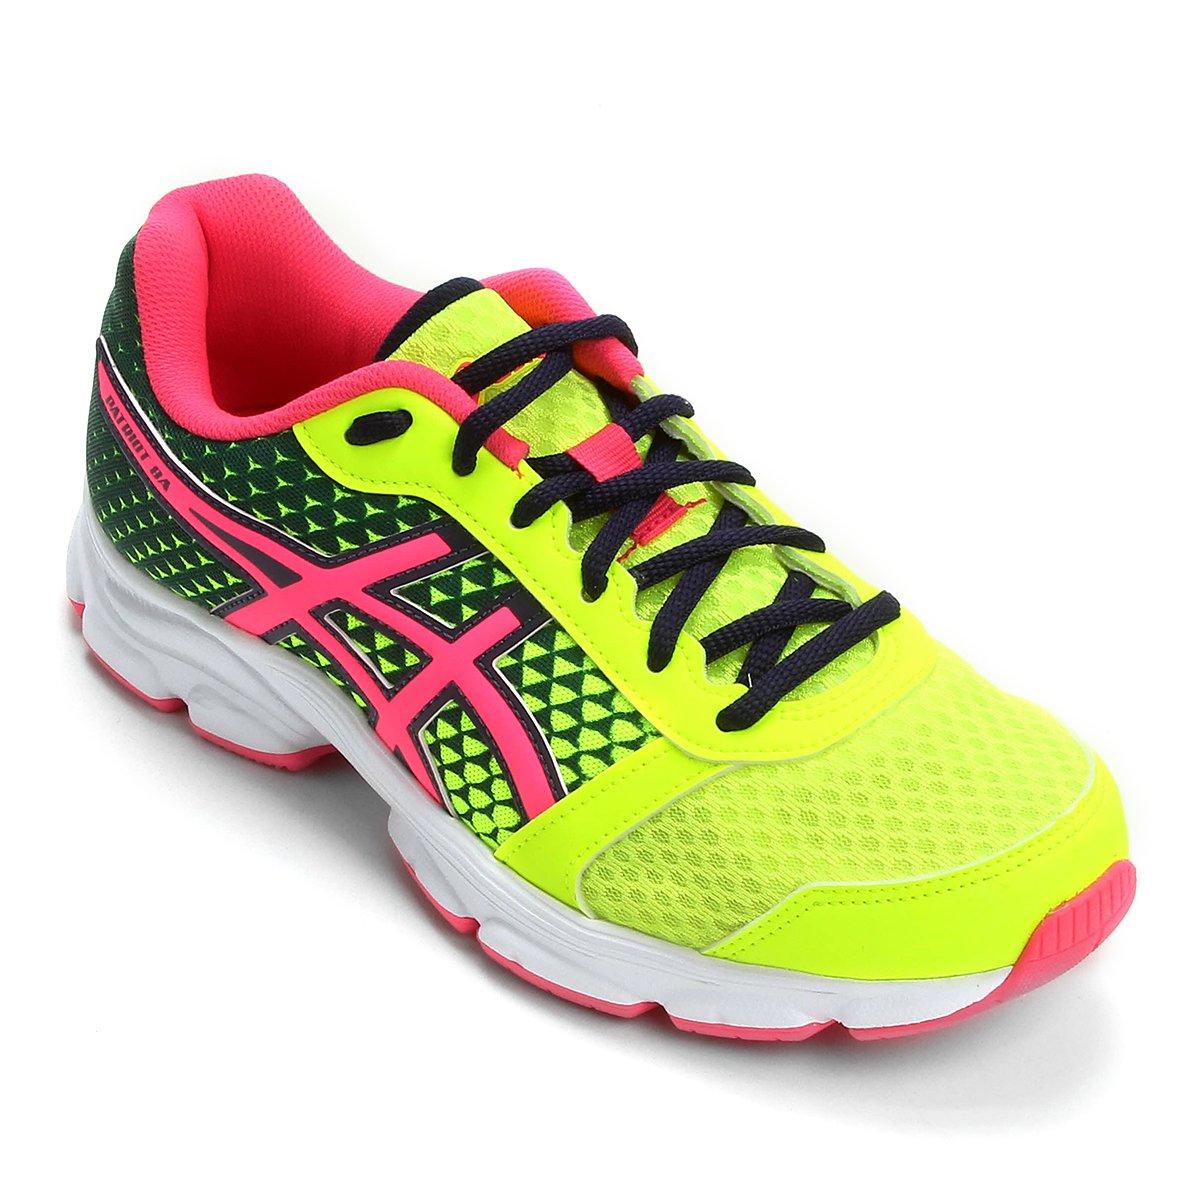 4dd7ac775 Tênis Asics Patriot 8 Feminino - Verde Limão e Pink - Compre Agora ...